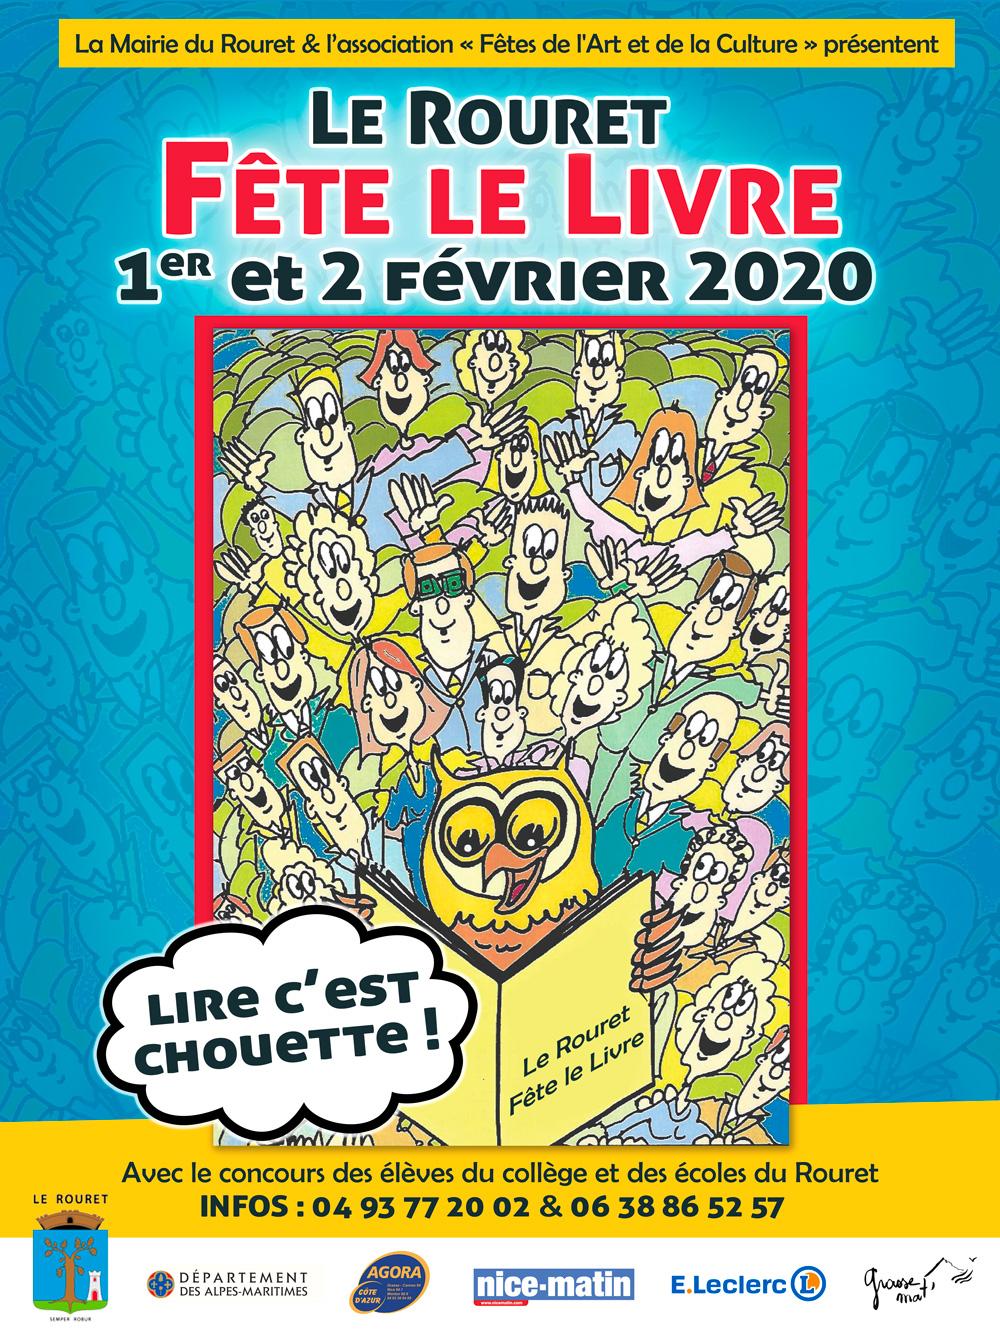 Web-_-Affiche-Fête-du-Livre-LE-ROURET.jpg